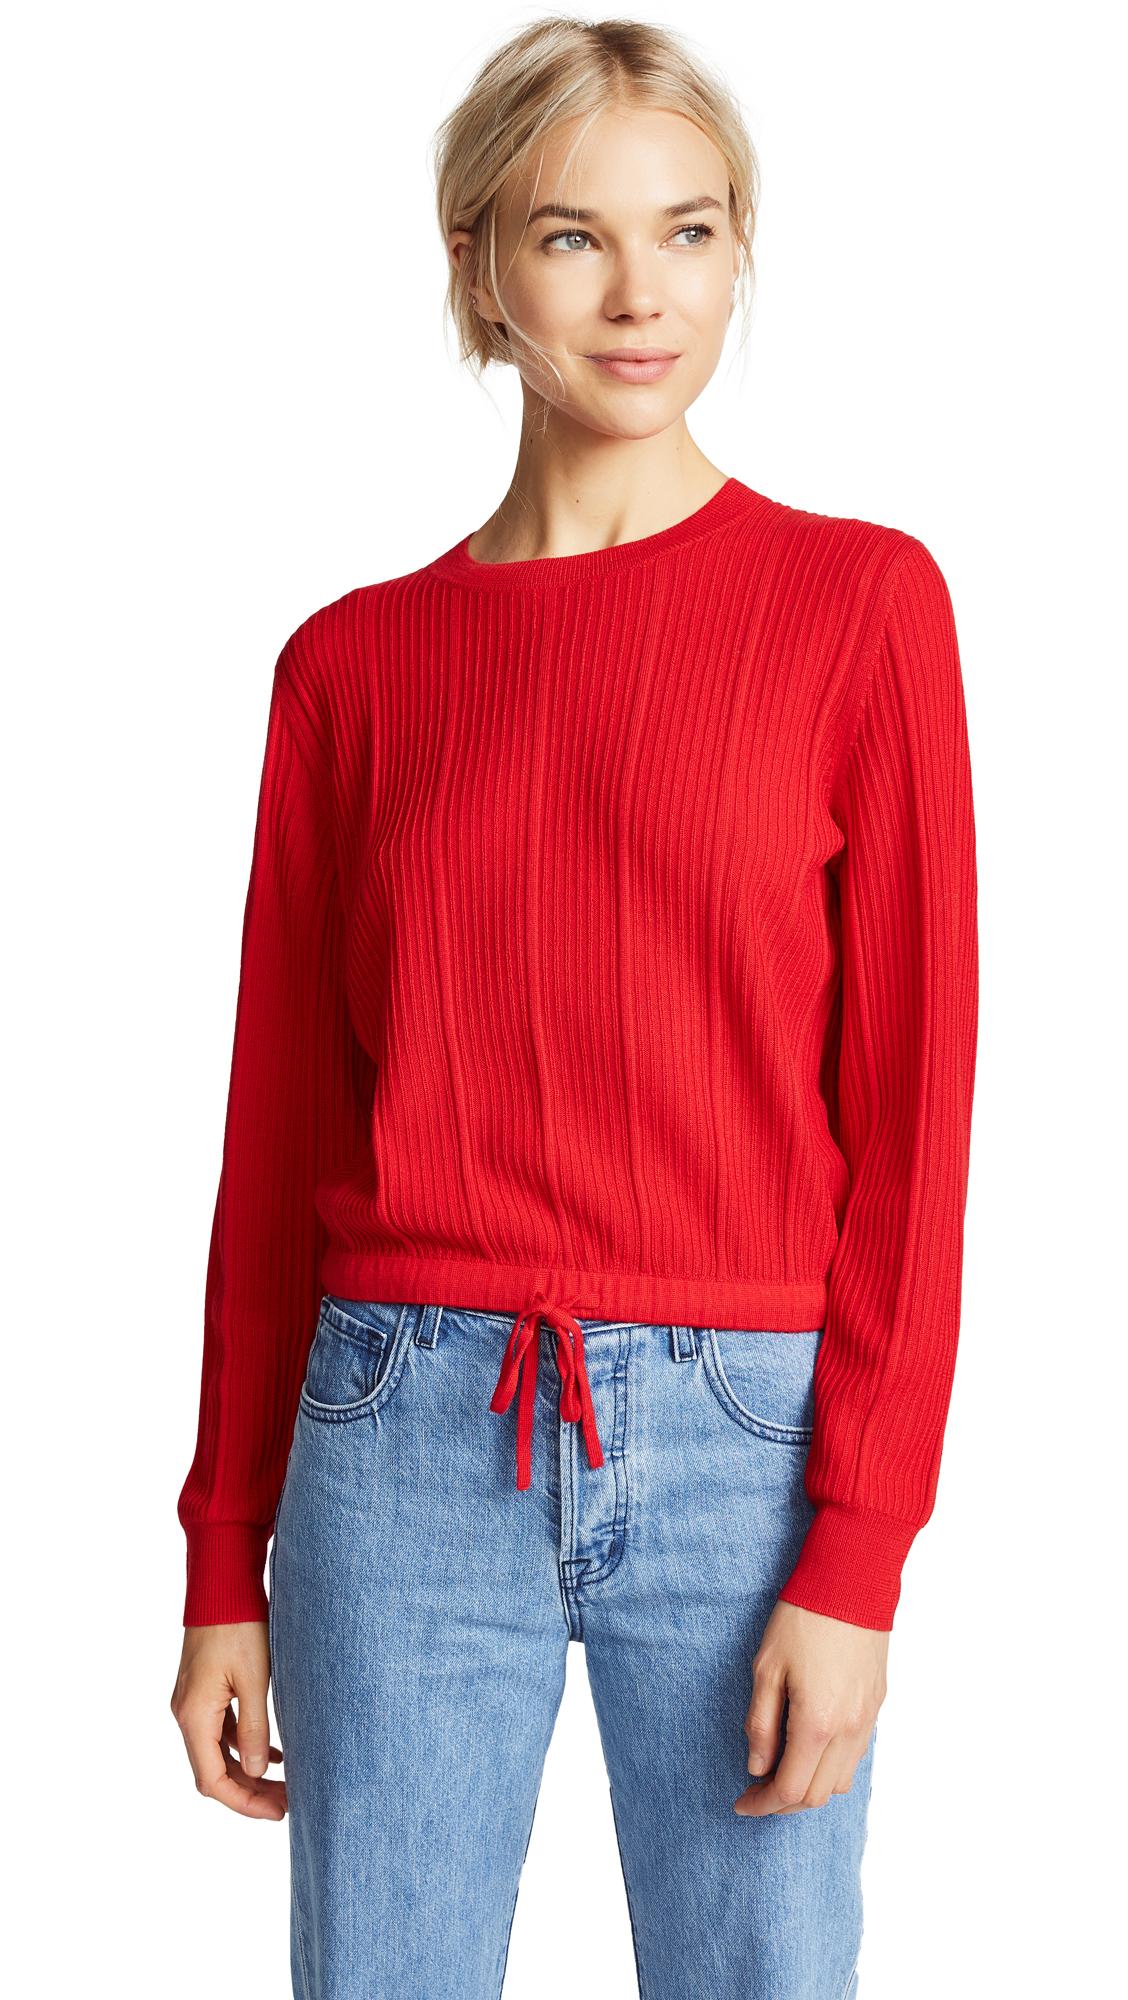 A.P.C. Taeko Sweater In Rouge